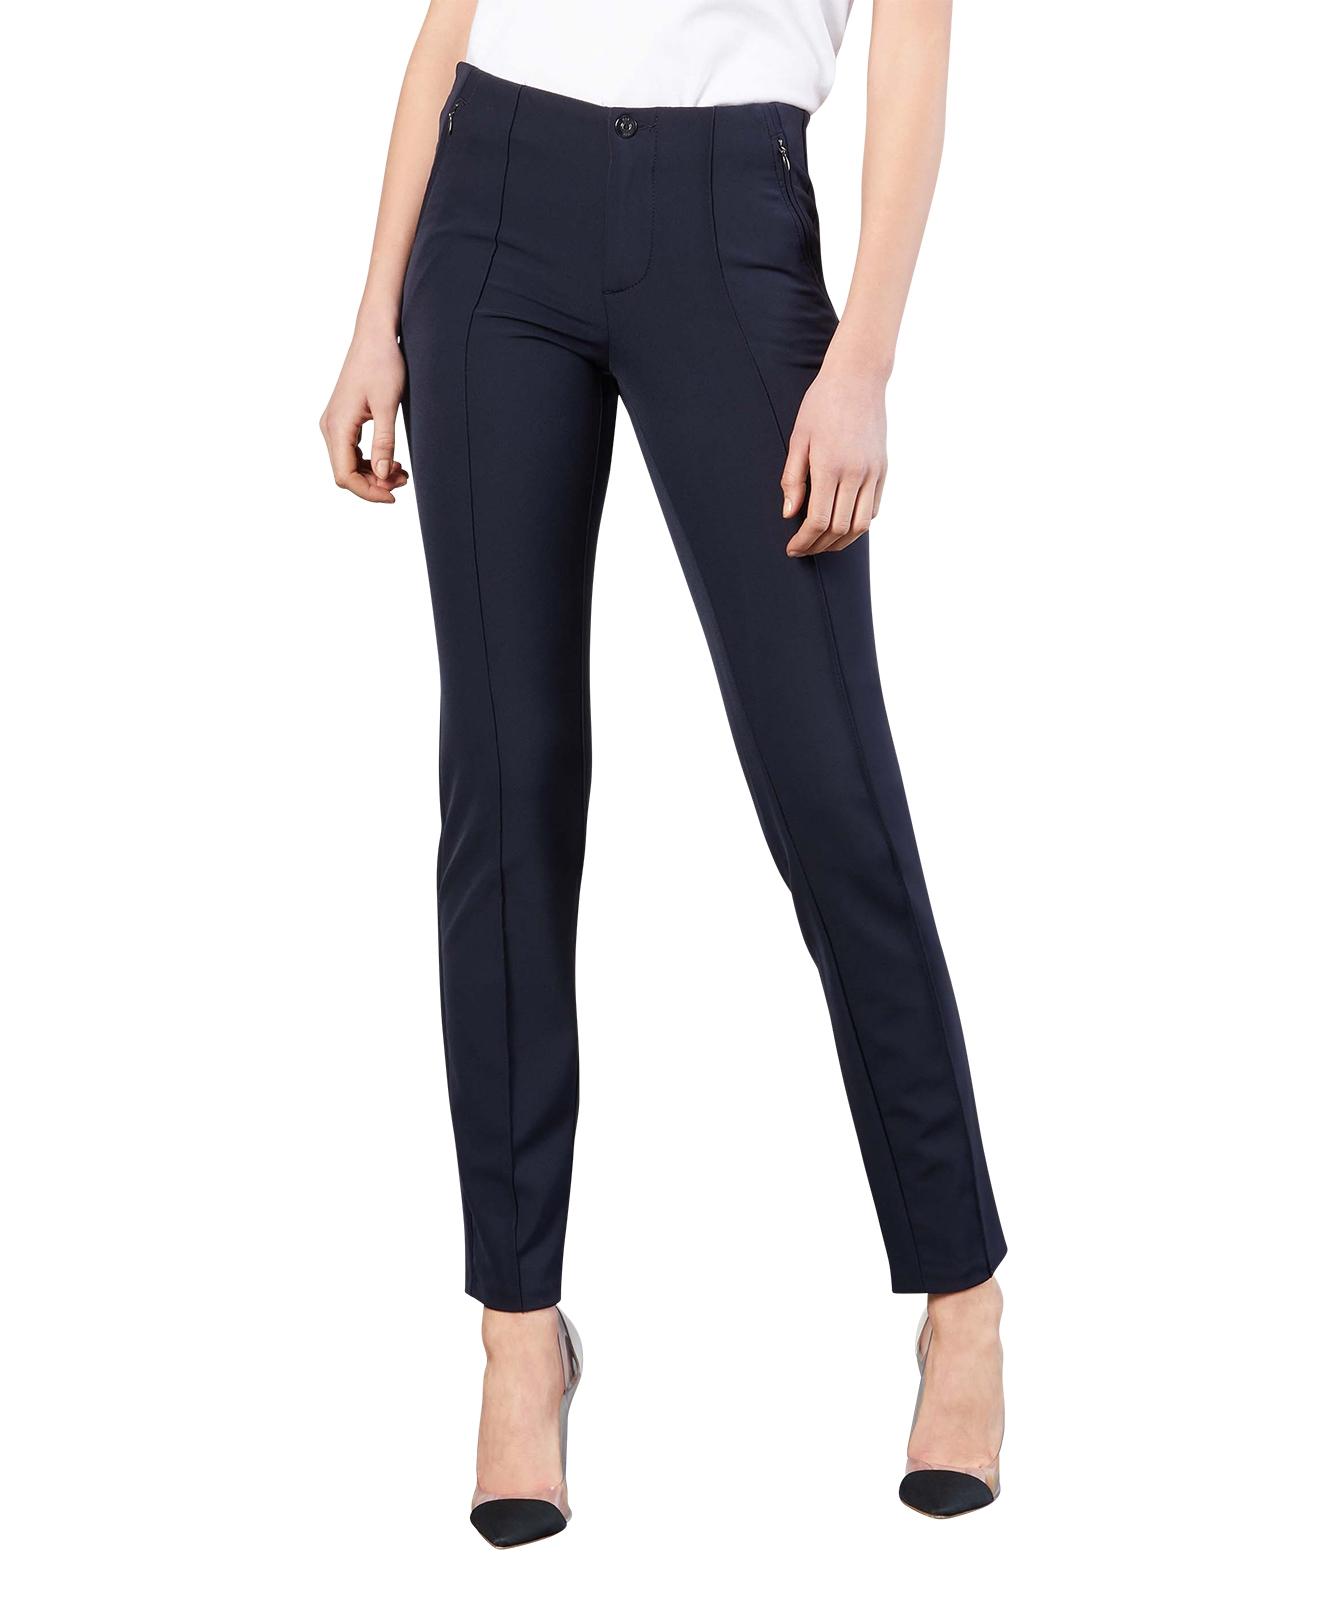 Hosen - MAC Stoffhose Anna Zip New in Dark Blue  - Onlineshop Jeans Meile